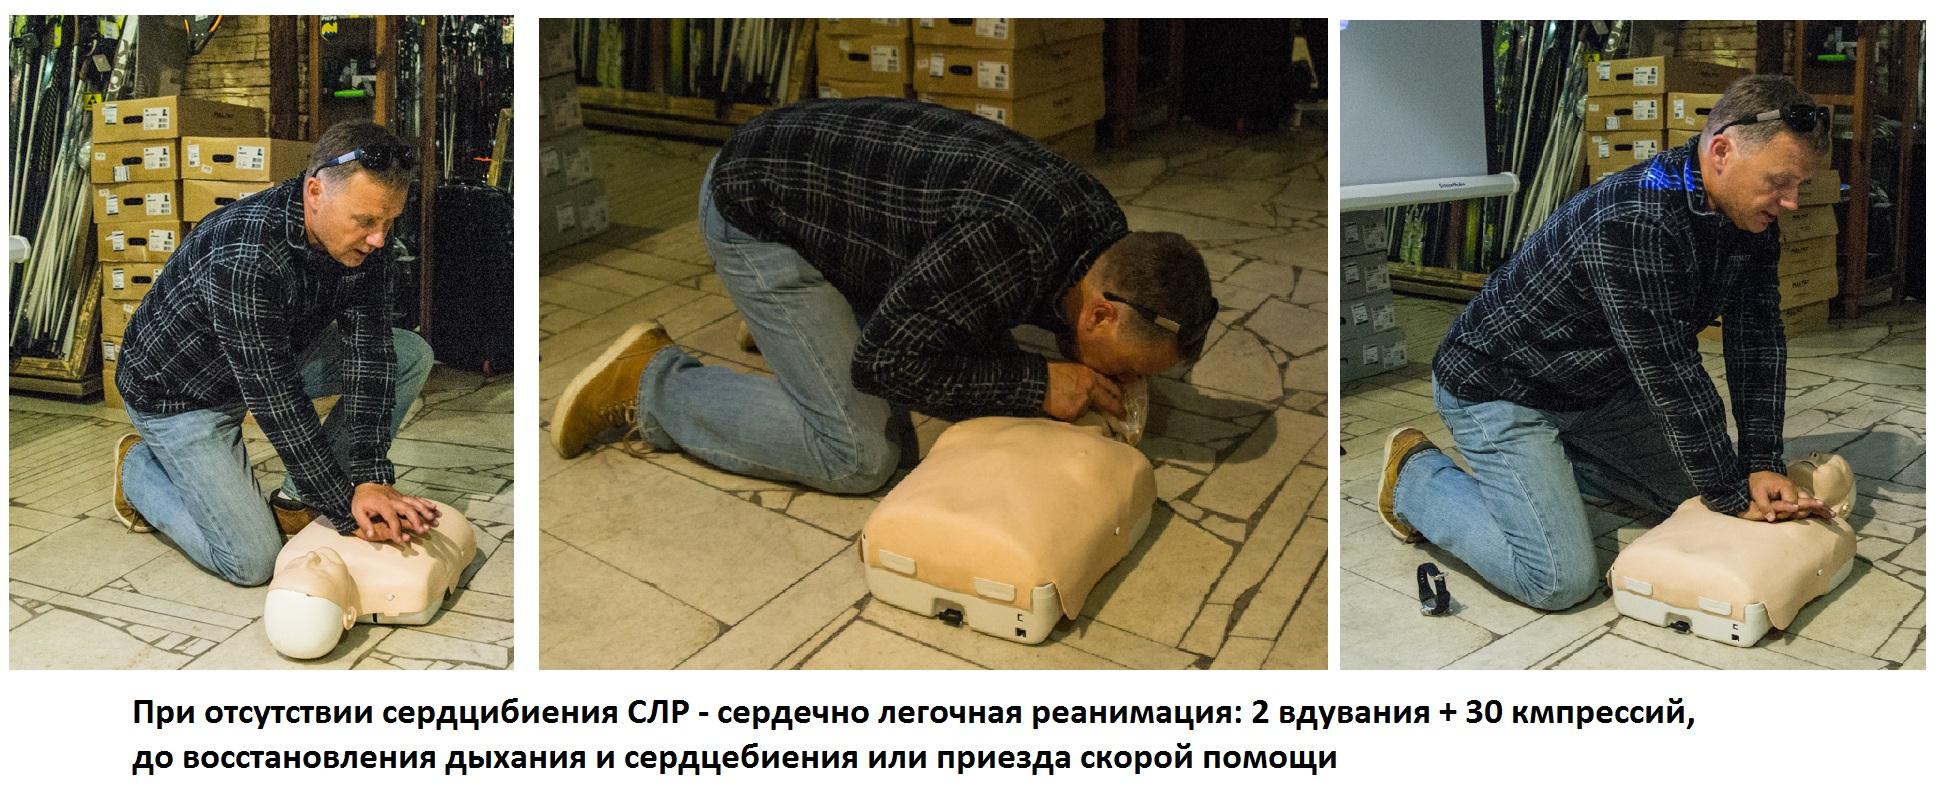 Основы первой помощи